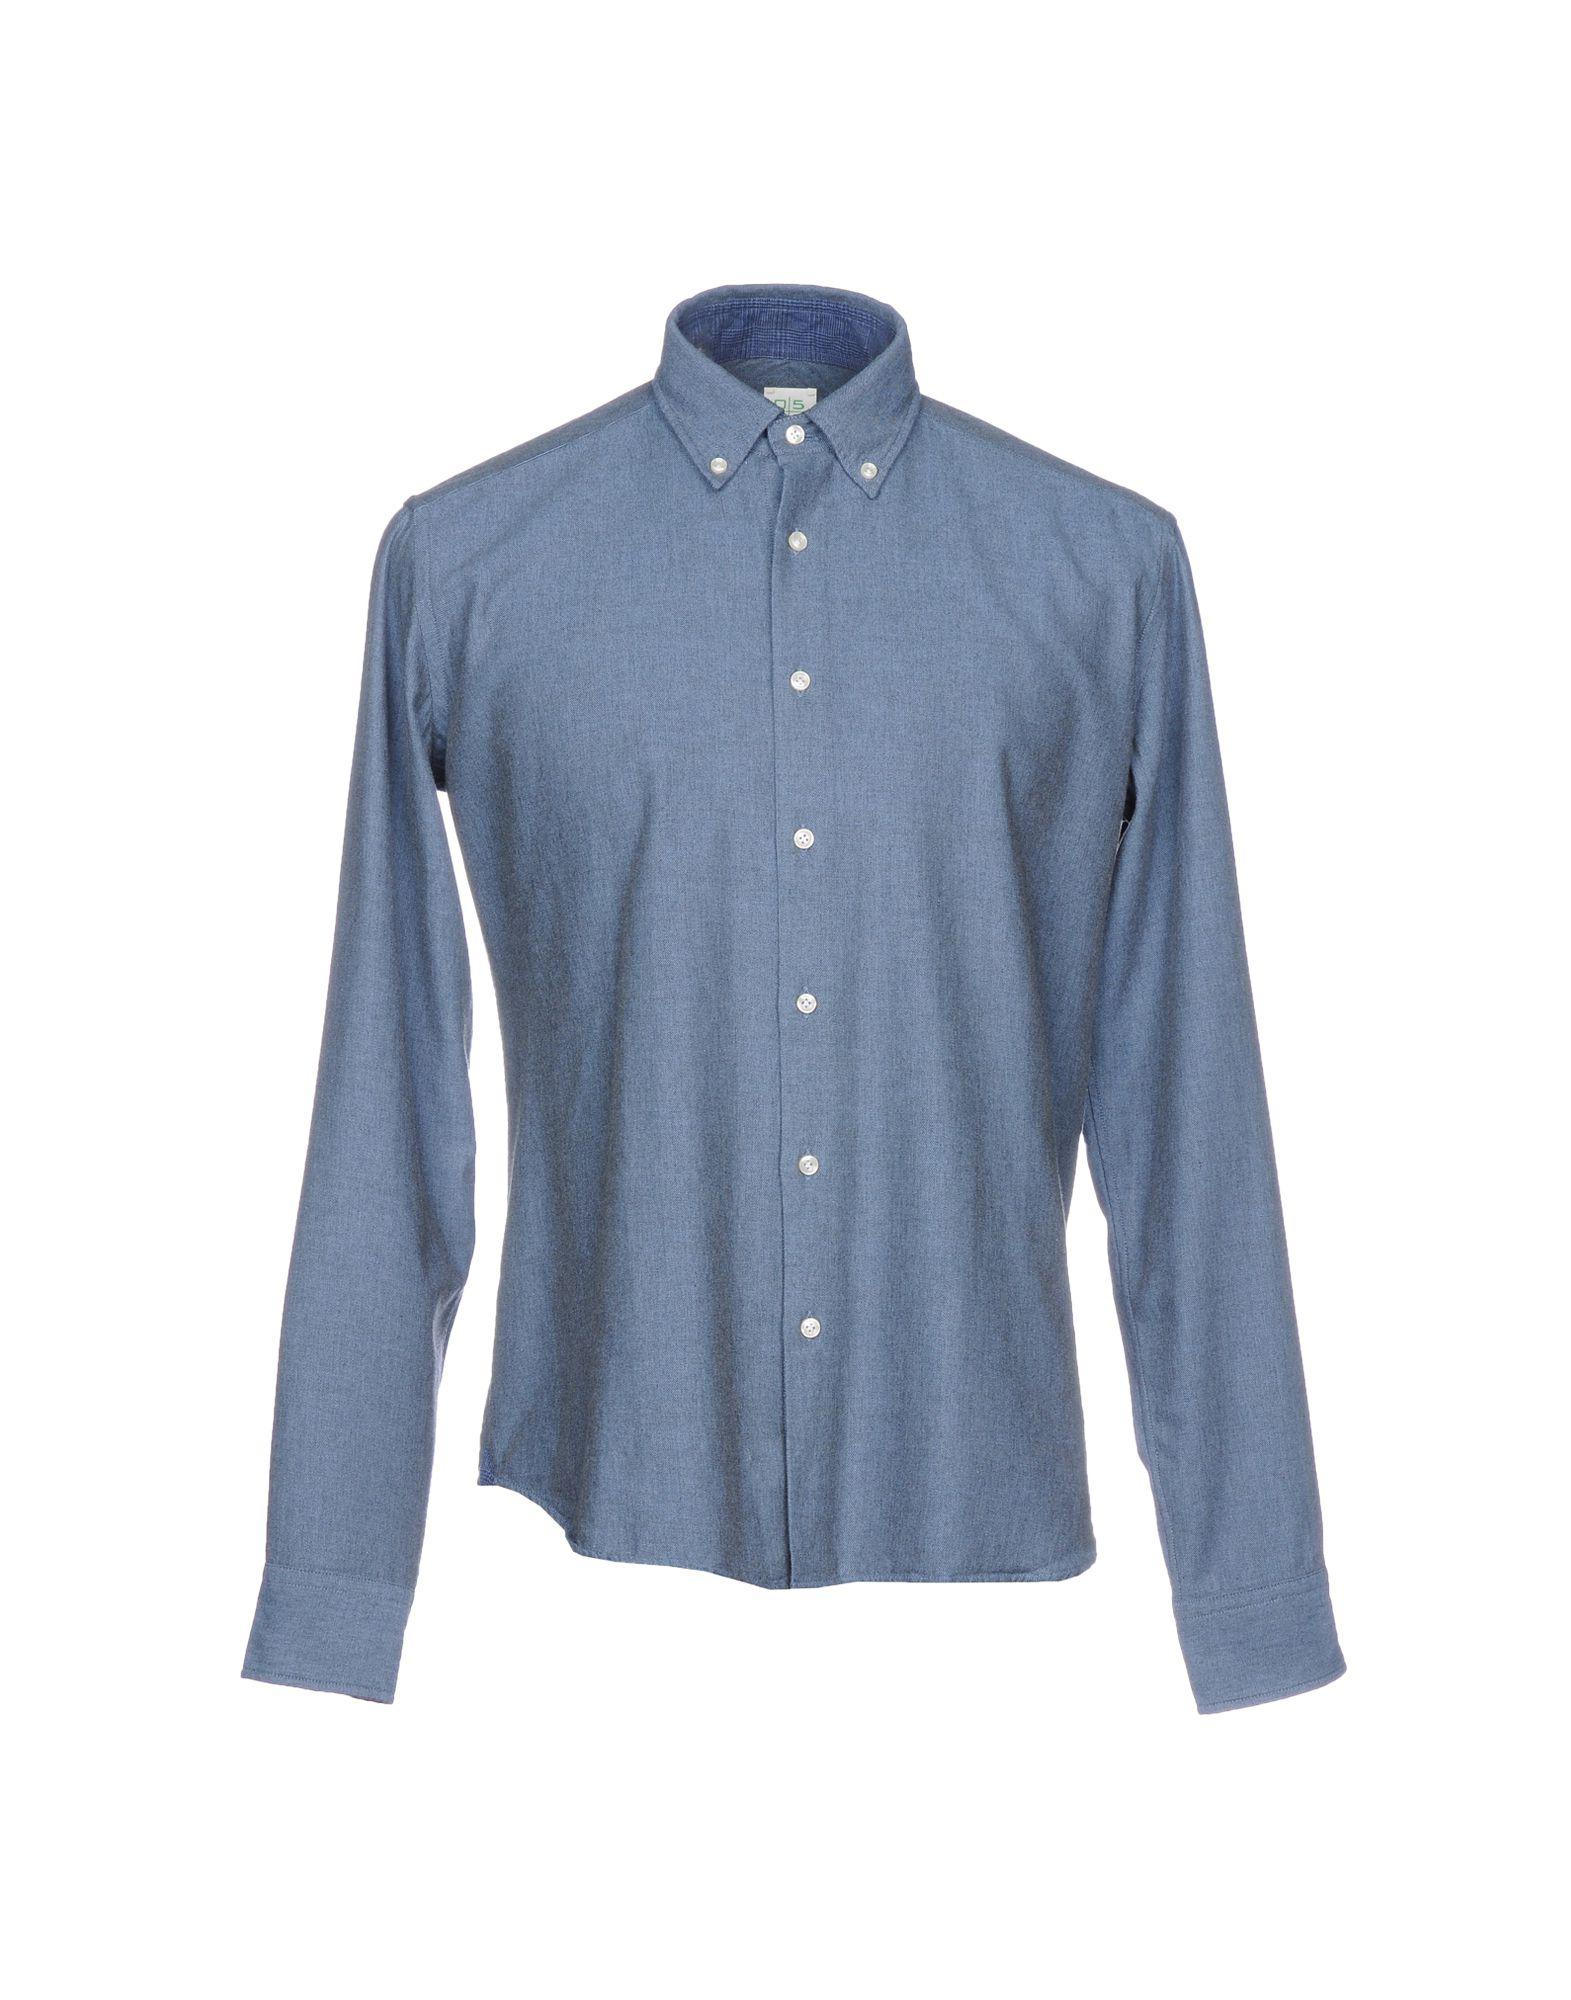 《送料無料》0575 by INGHIRAMI メンズ シャツ ブルーグレー 38 コットン 100%